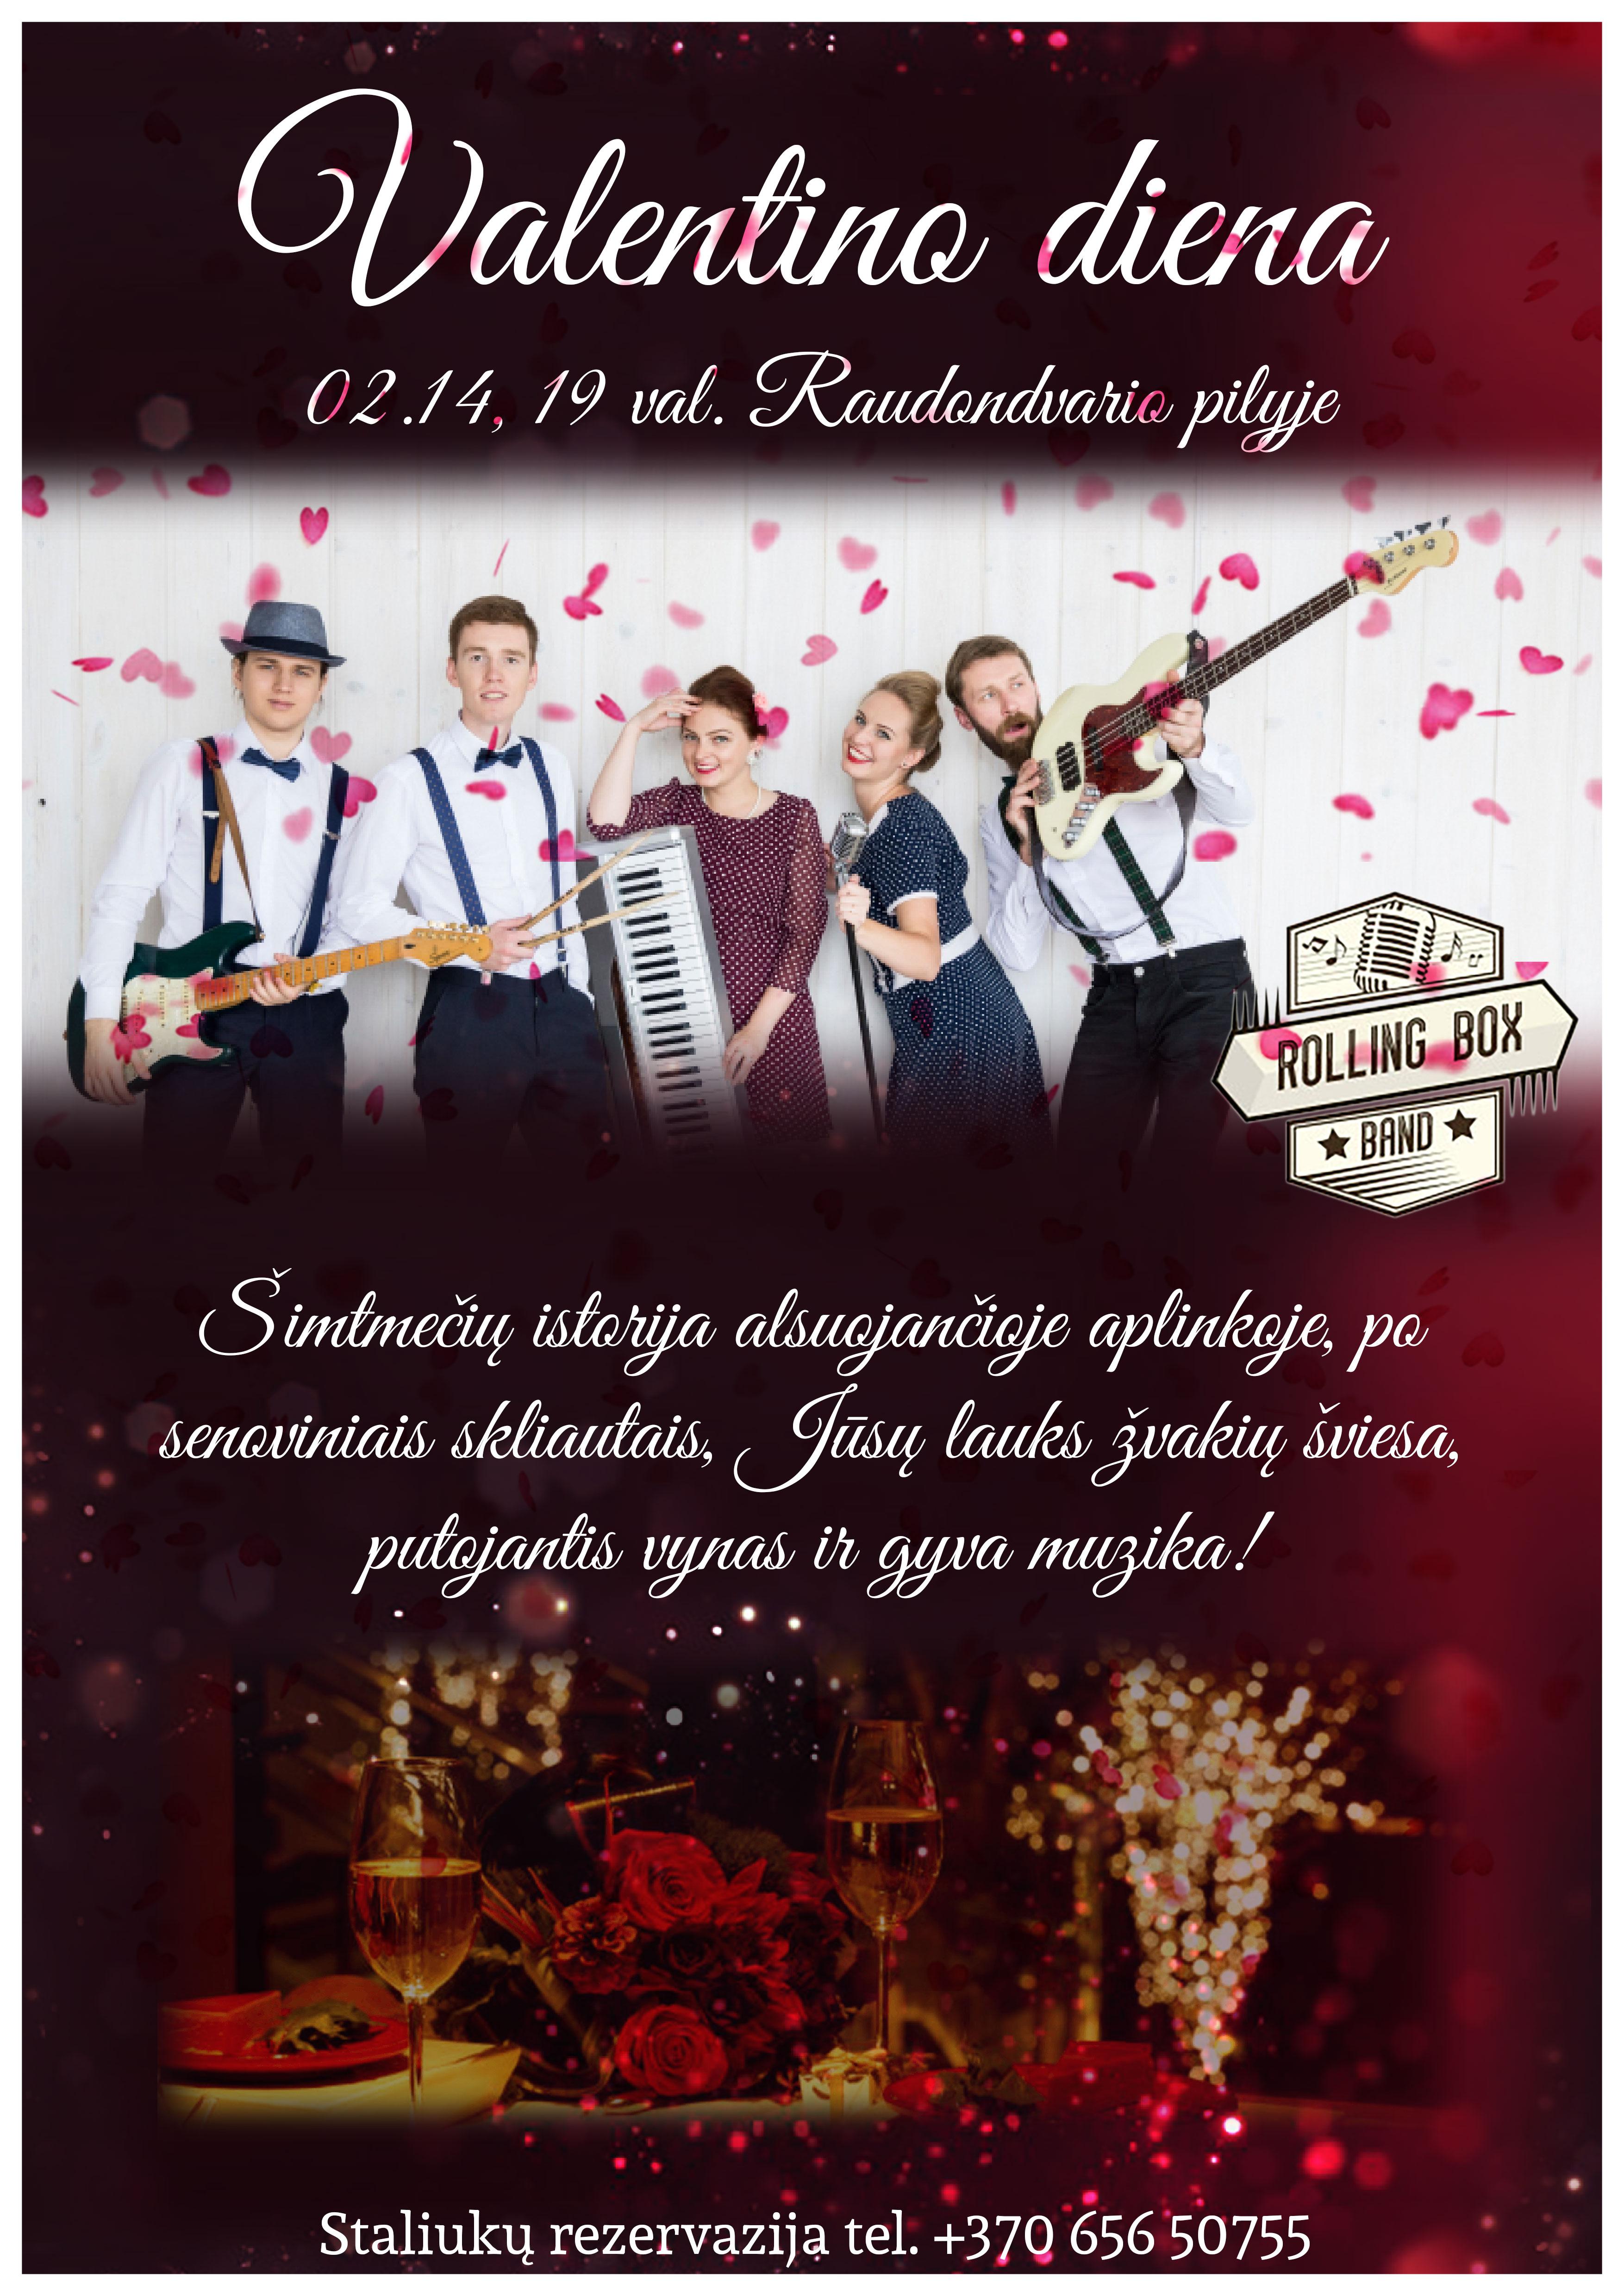 Romantiškas šv. Valentino vakaras Raudondvario pilyje!